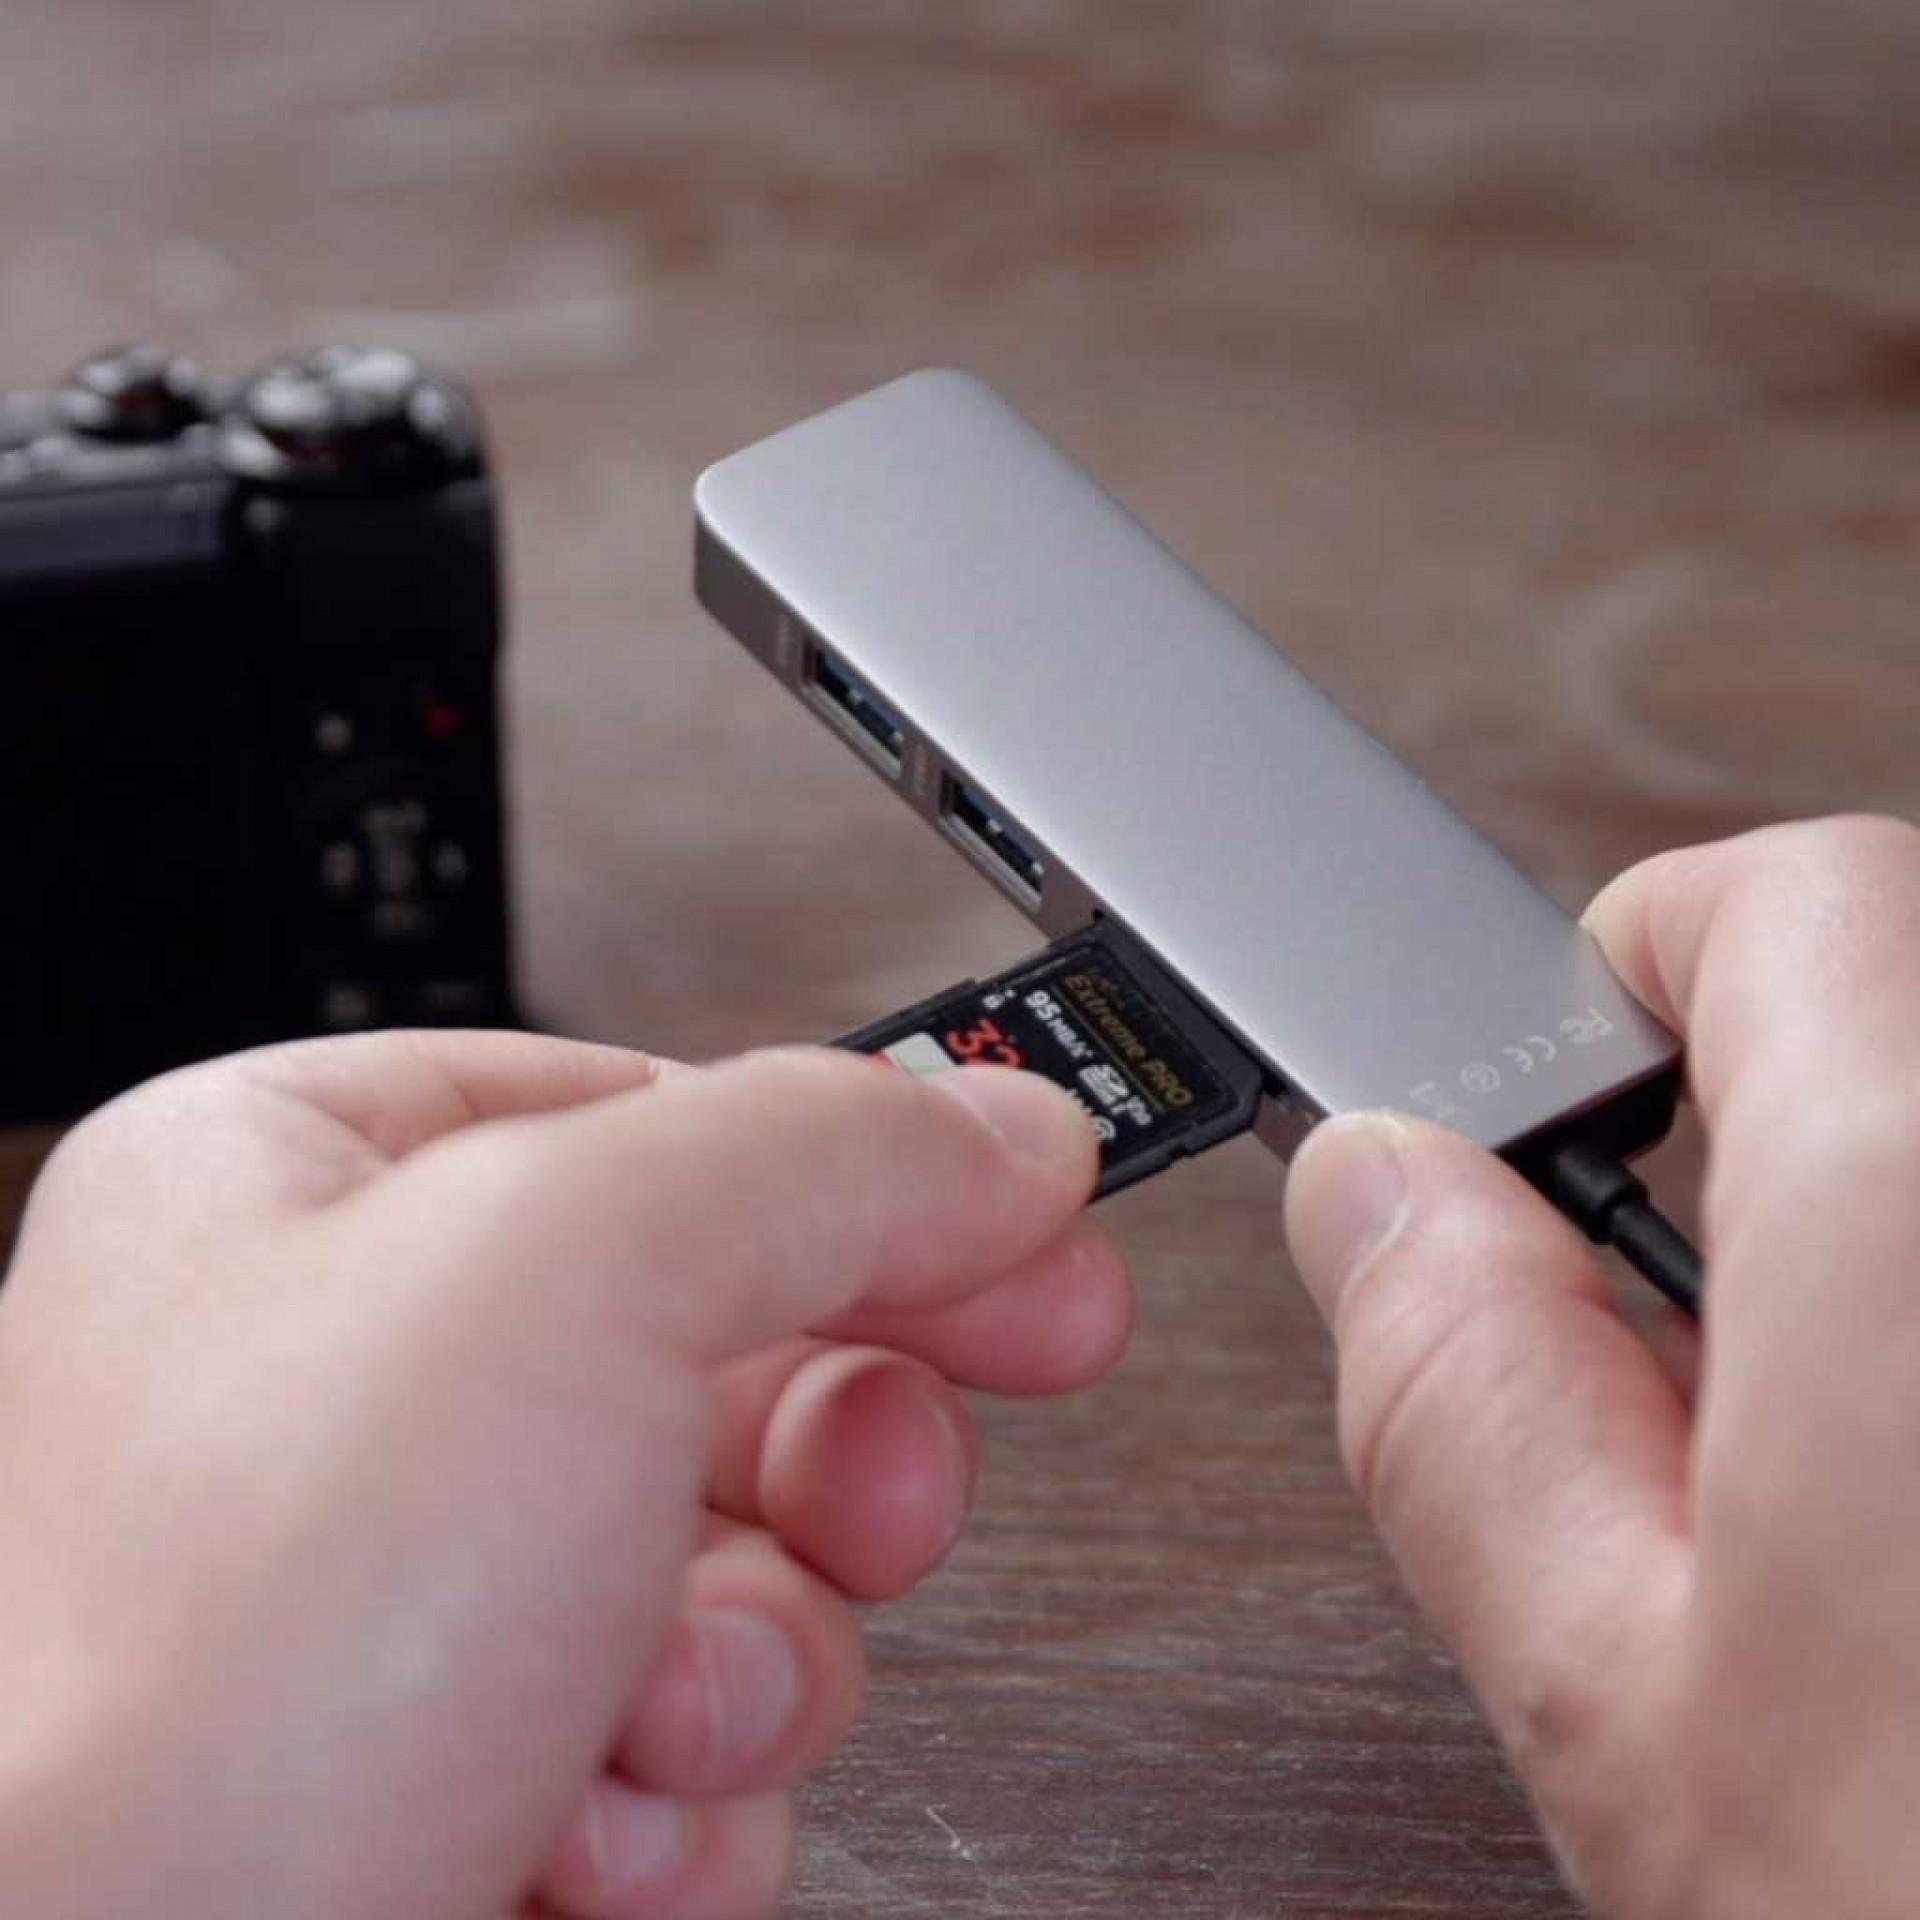 Speicherkarte, Übertragung von Fotos und Videos